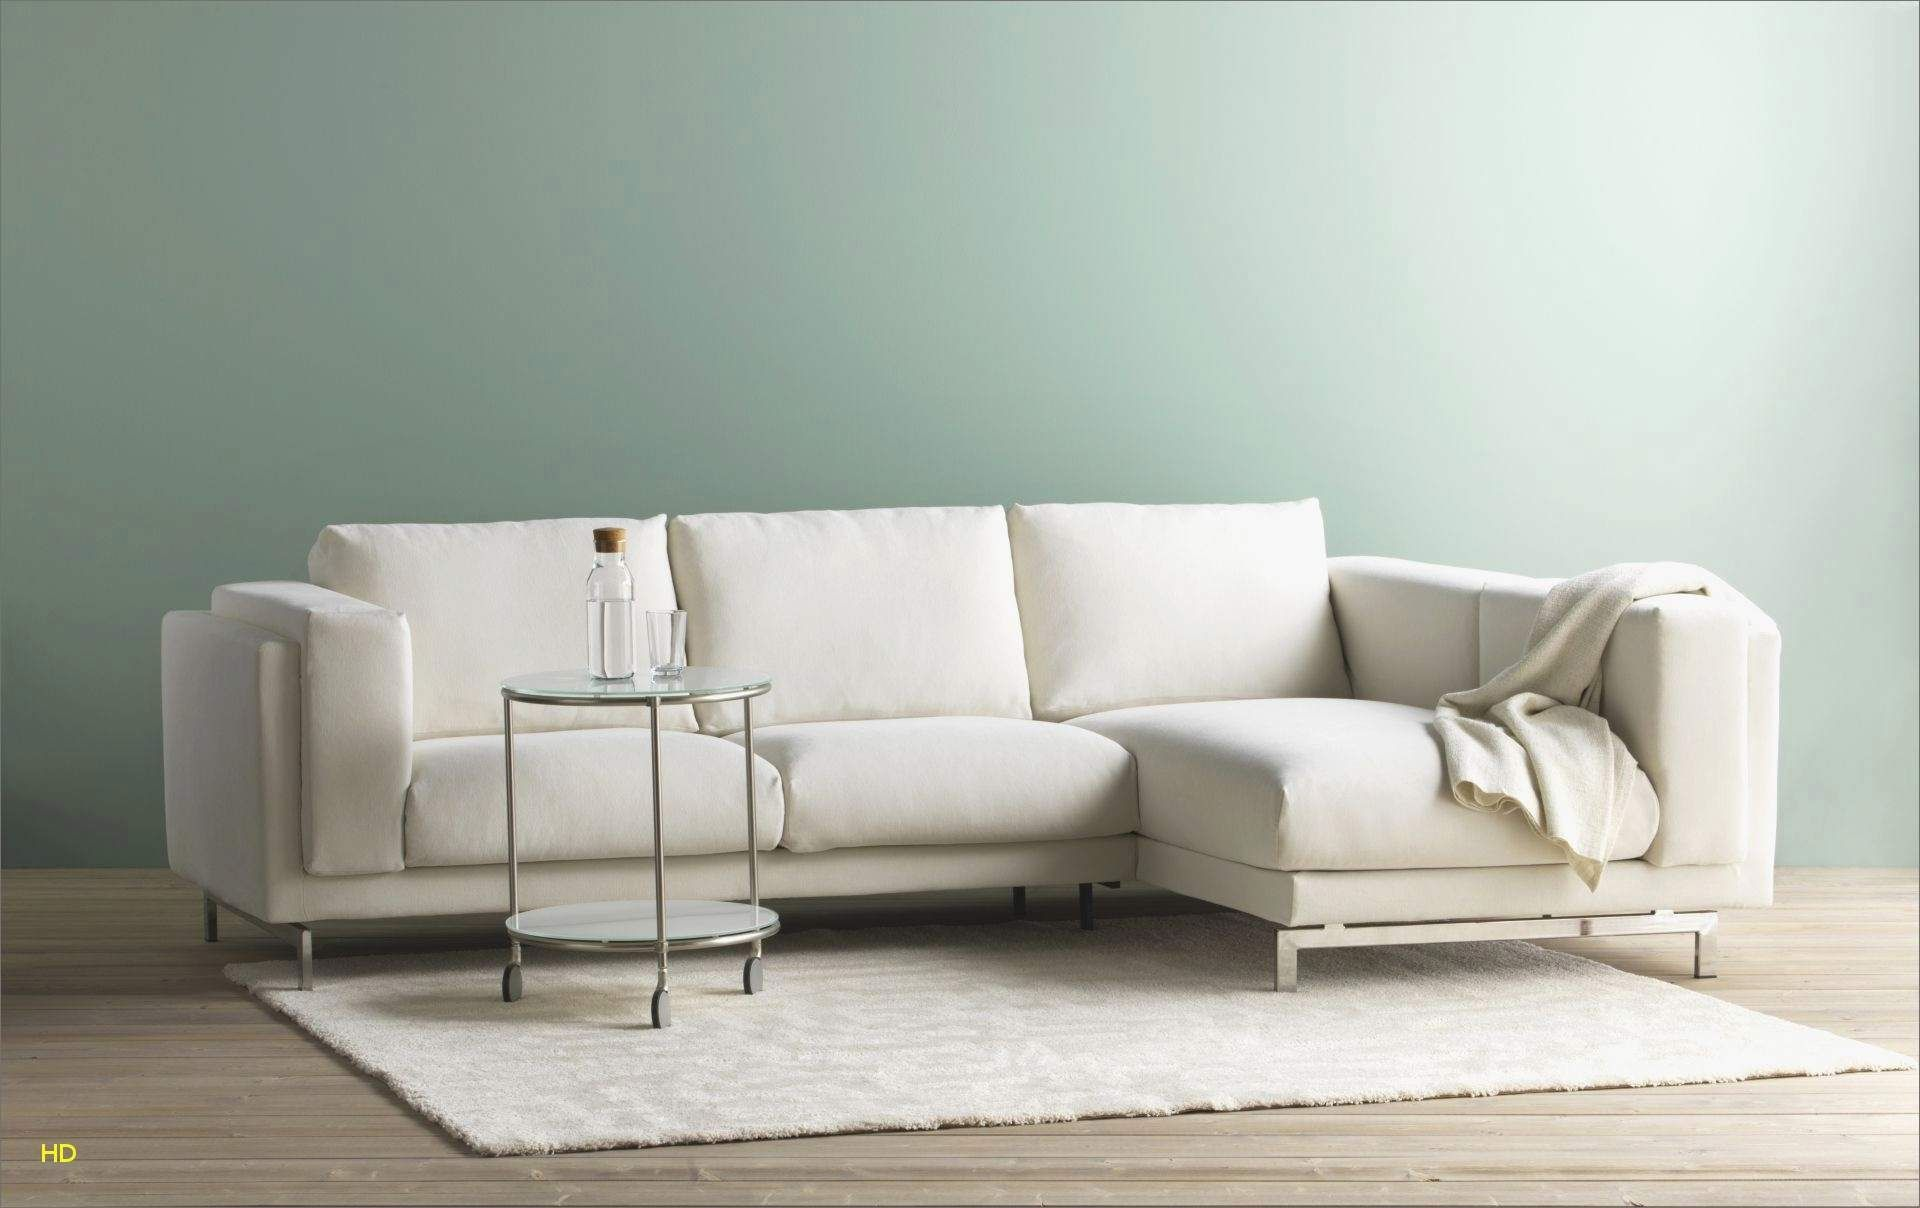 salon de jardin oeuf empilable avec chaise de jardin ikea de salon de jardin oeuf empilable